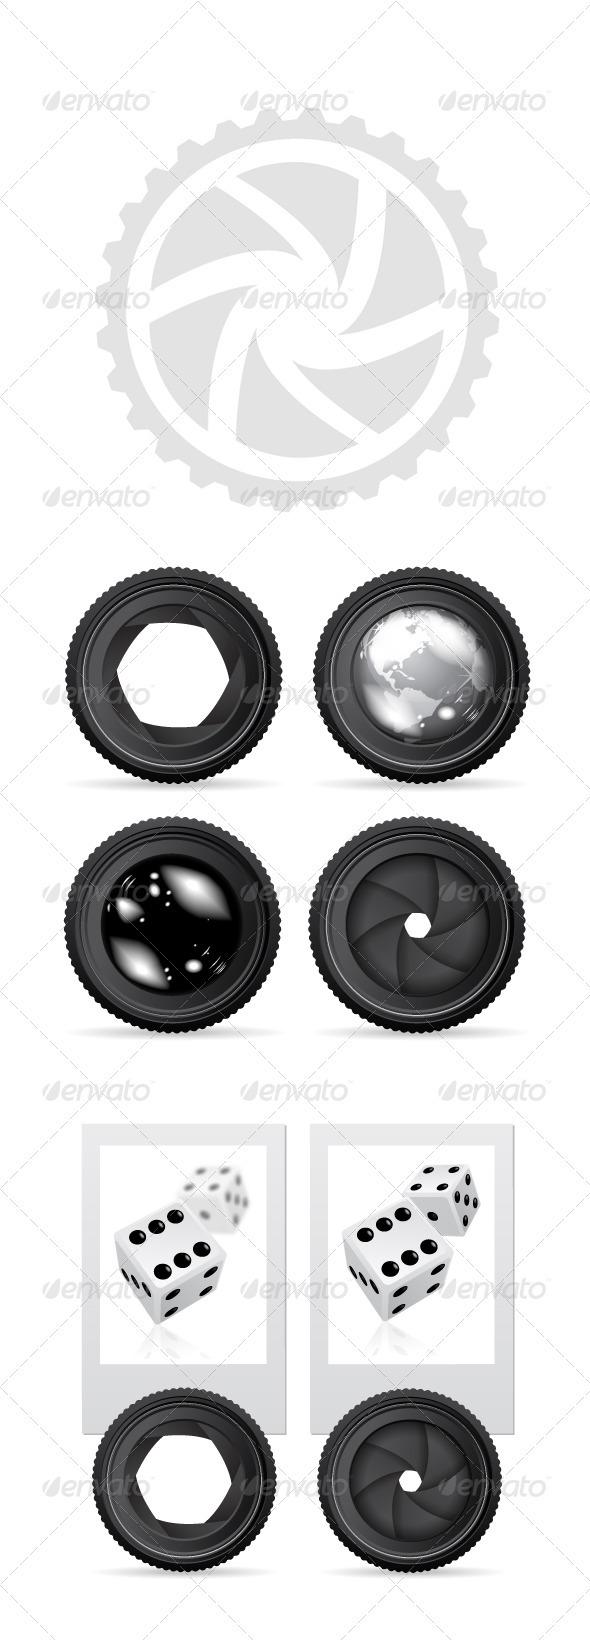 Camera Lense Vesctor Set - Objects Vectors